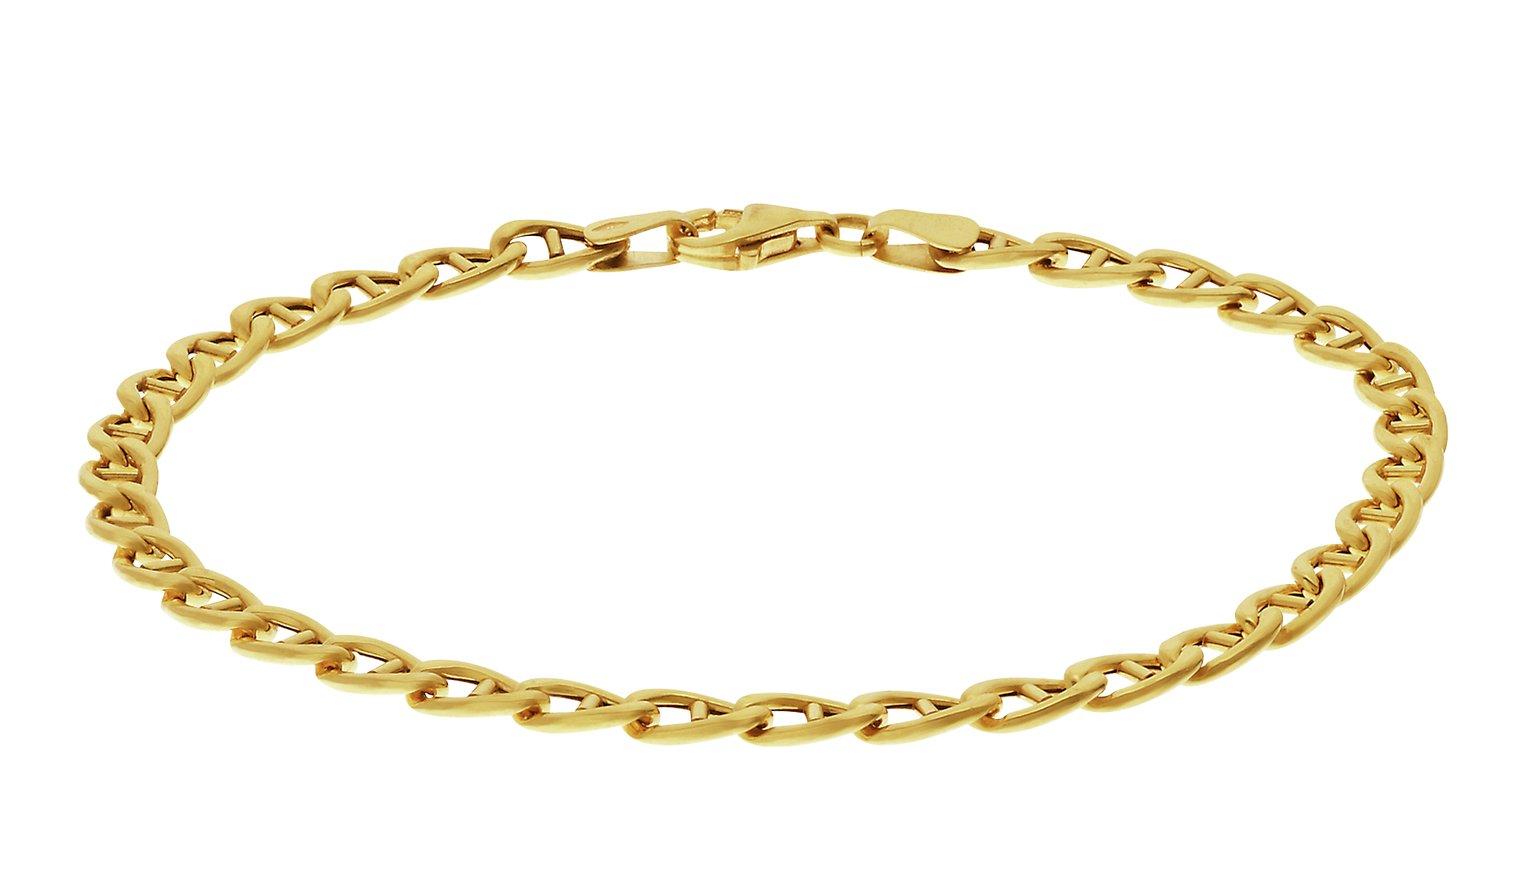 Image of 9 Carat Gold - Anchor Bracelet.